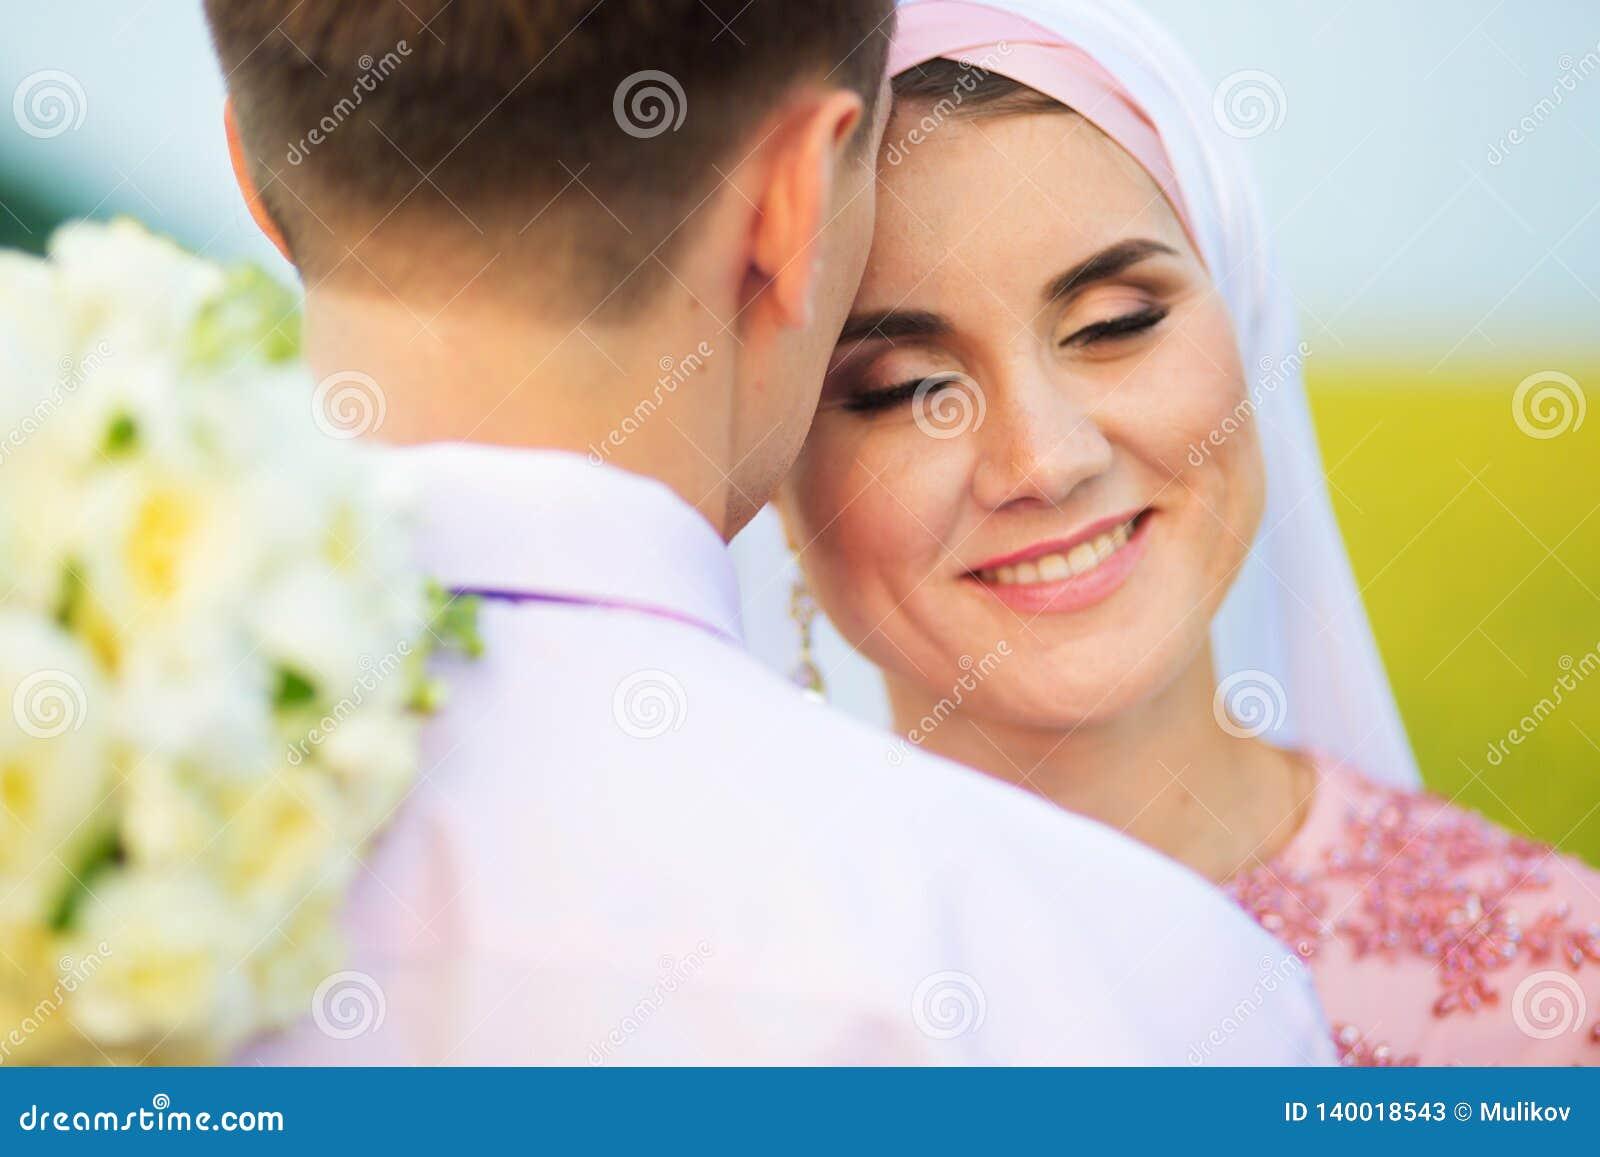 National Wedding  Bride And Groom In Field  Wedding Muslim